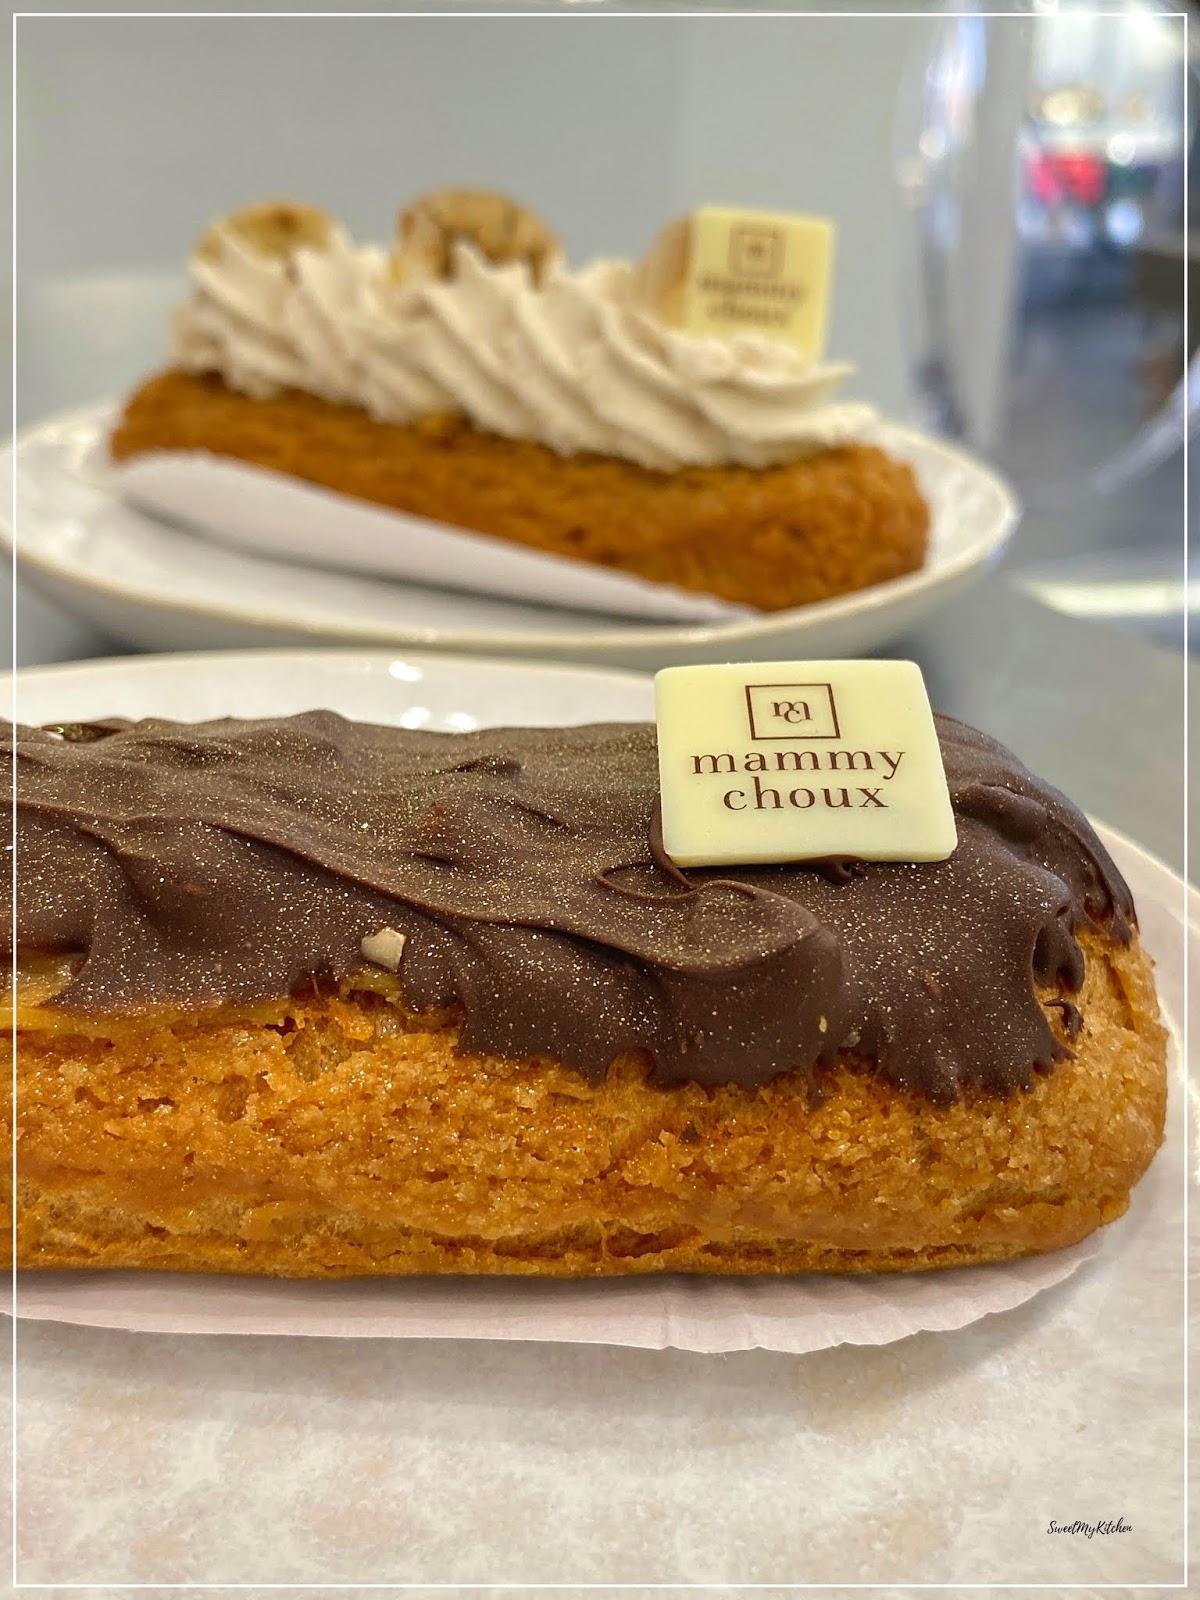 Mammy ChouxSeixal pastelaria francesa eclairs